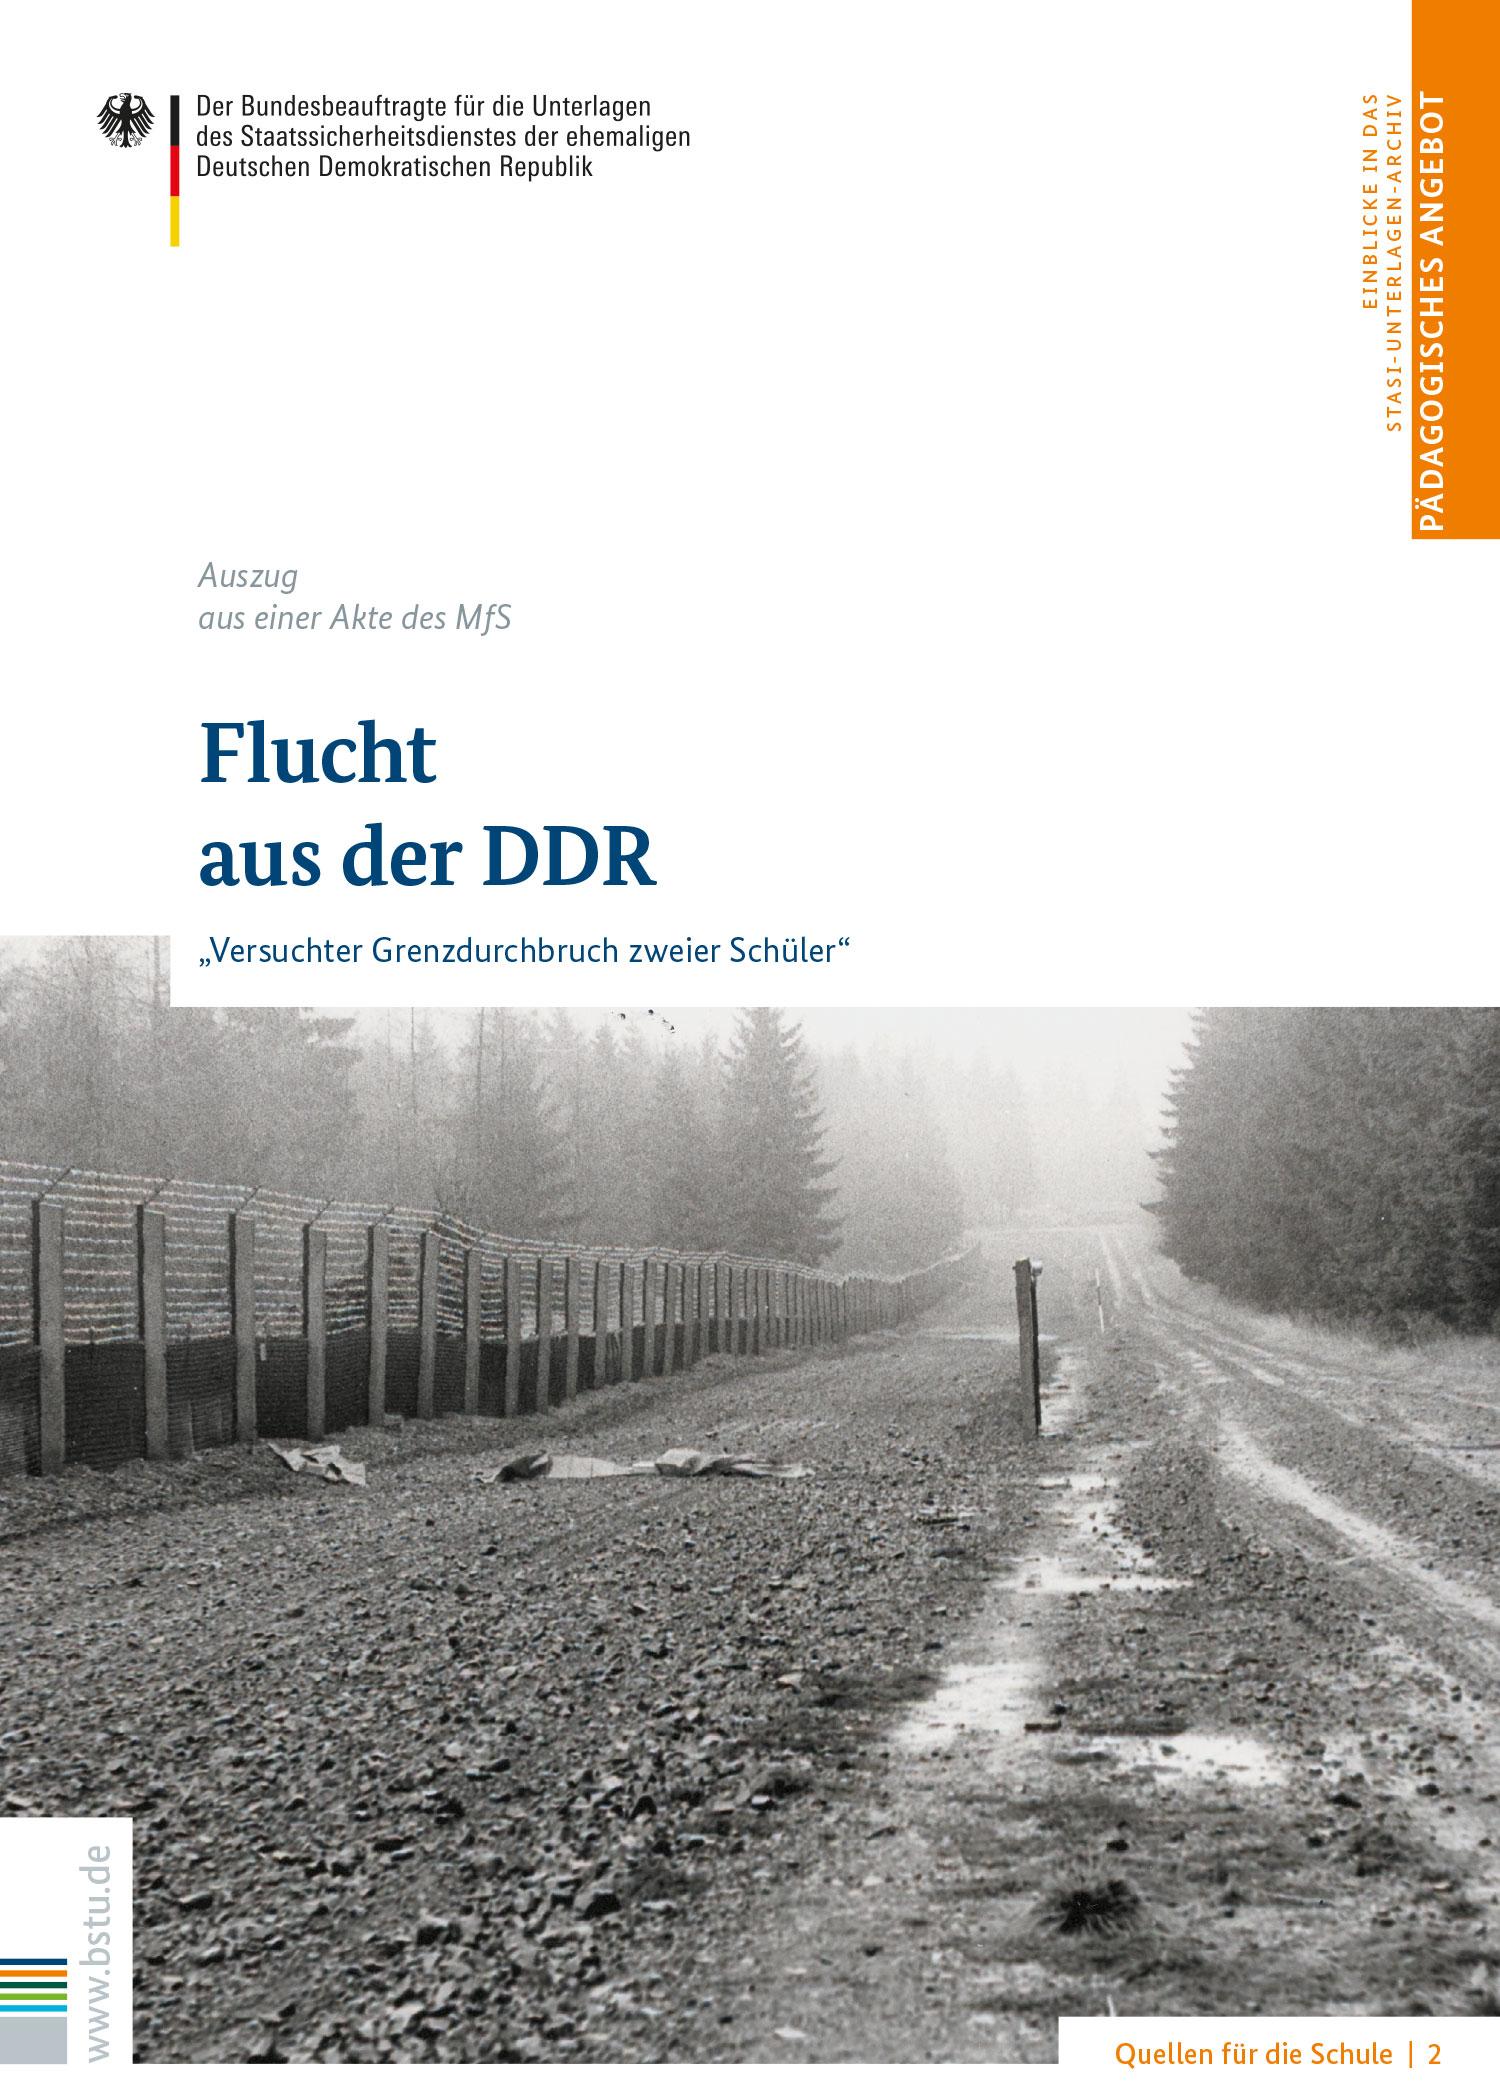 Quellen für die Schule 2: Flucht aus der DDR